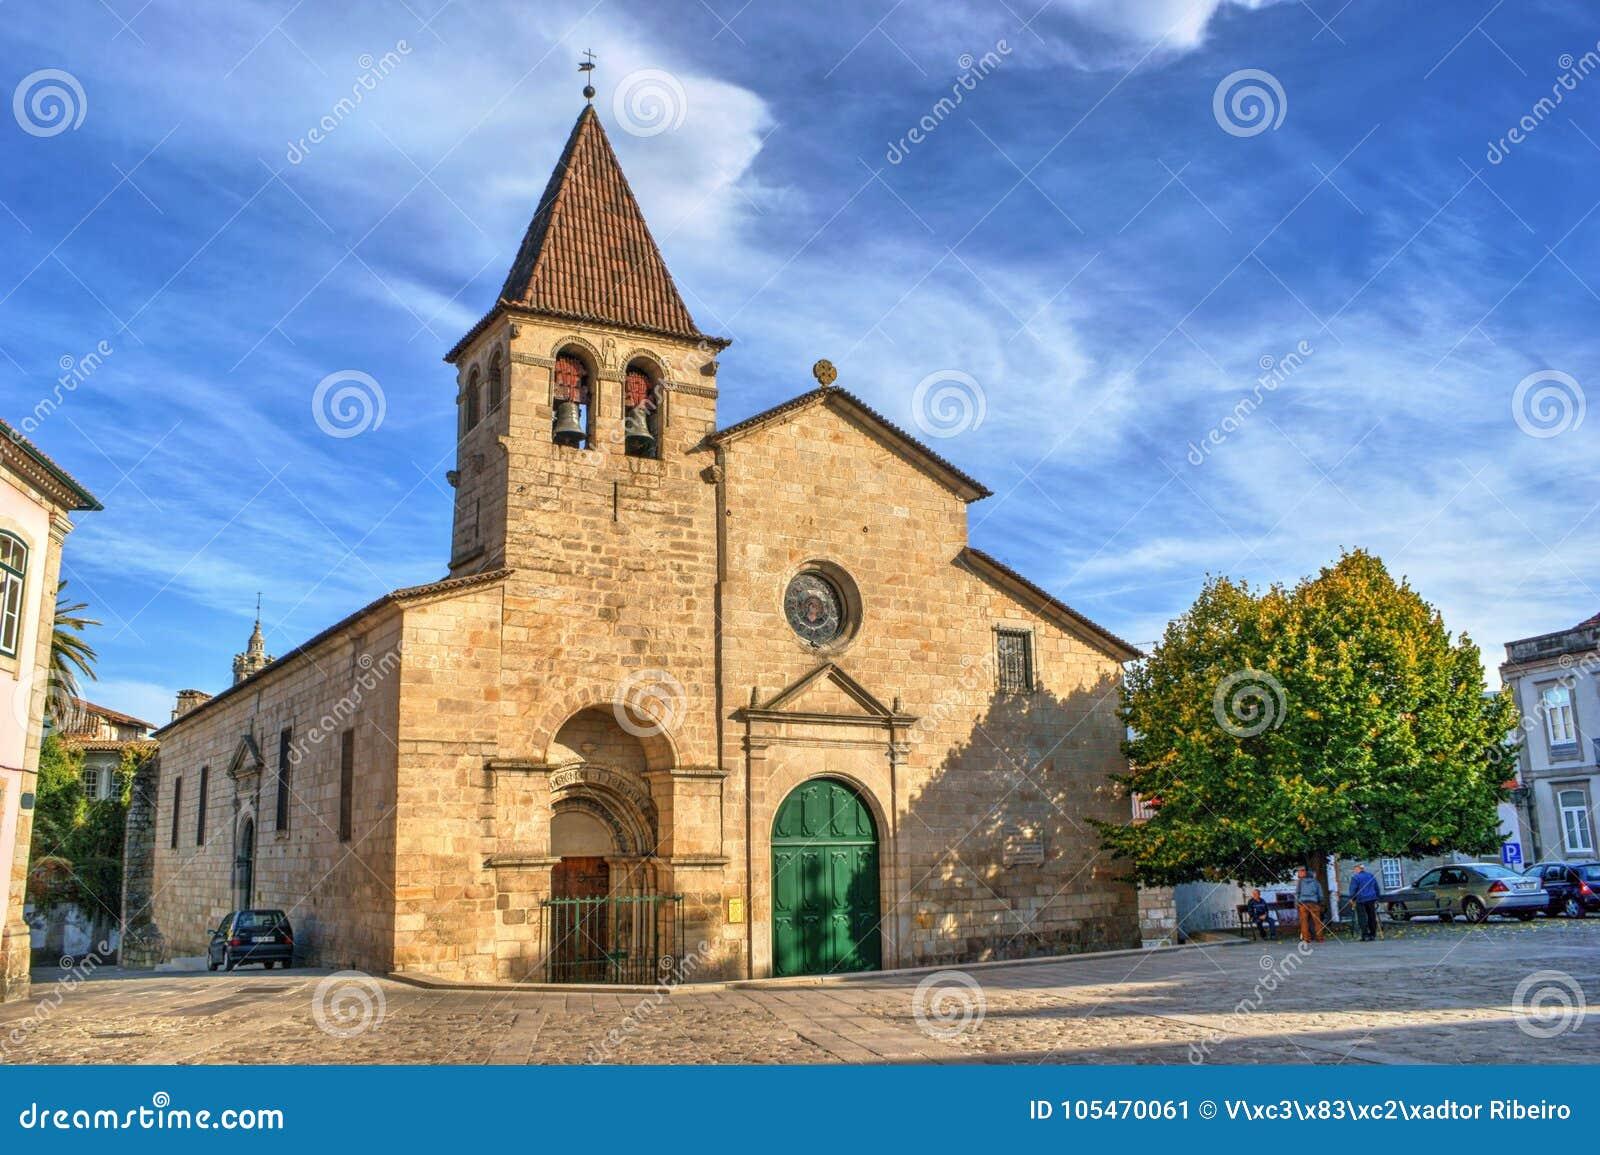 Santa Maria Maior church in Chaves